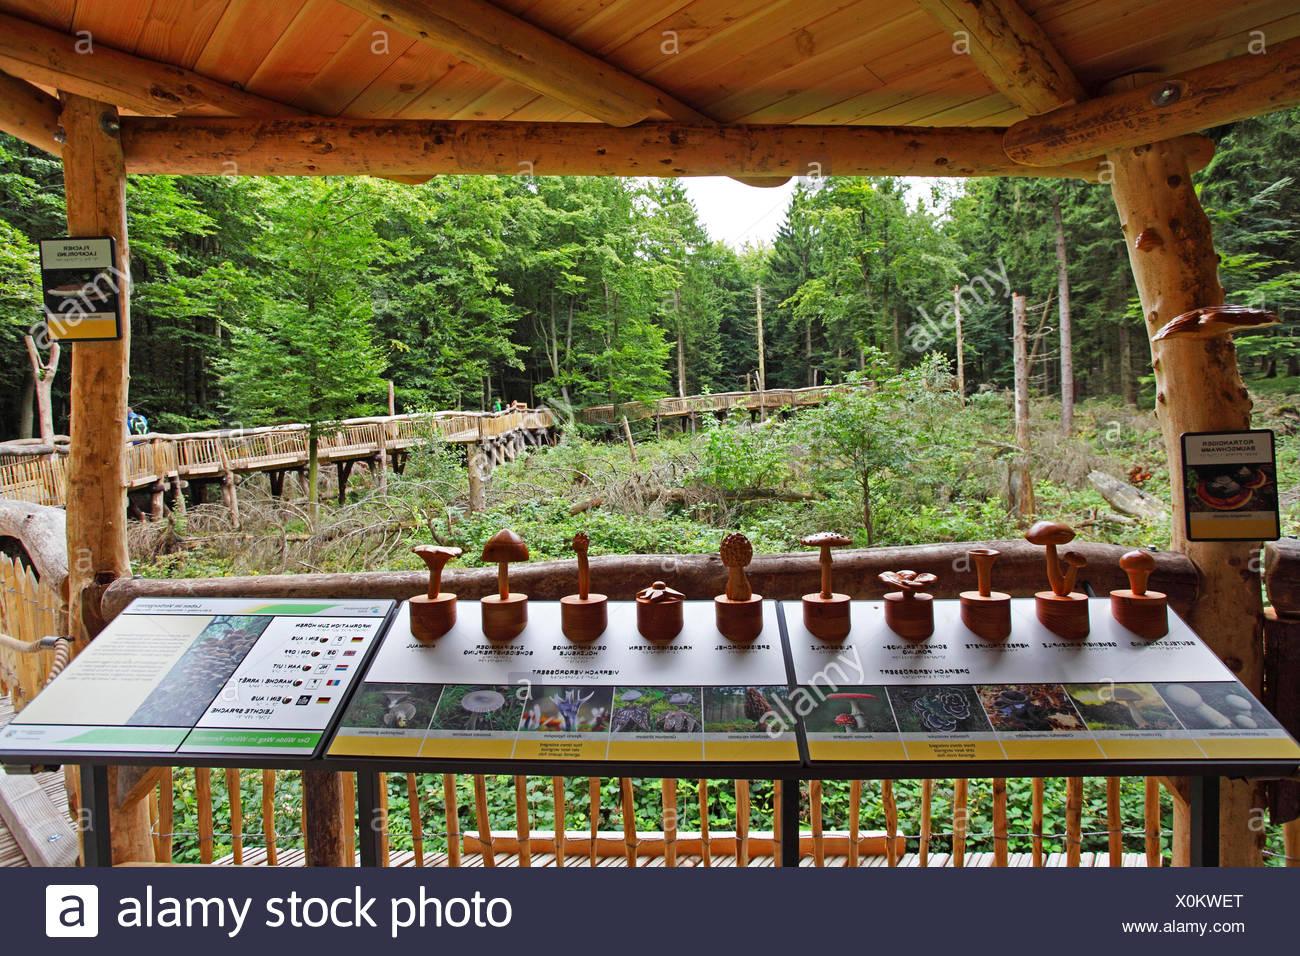 Wilderness Trail en el parque nacional Eifel, patrones de setas, en Alemania, en Renania del Norte-Westfalia, parque nacional Eifel, Heimbach Imagen De Stock